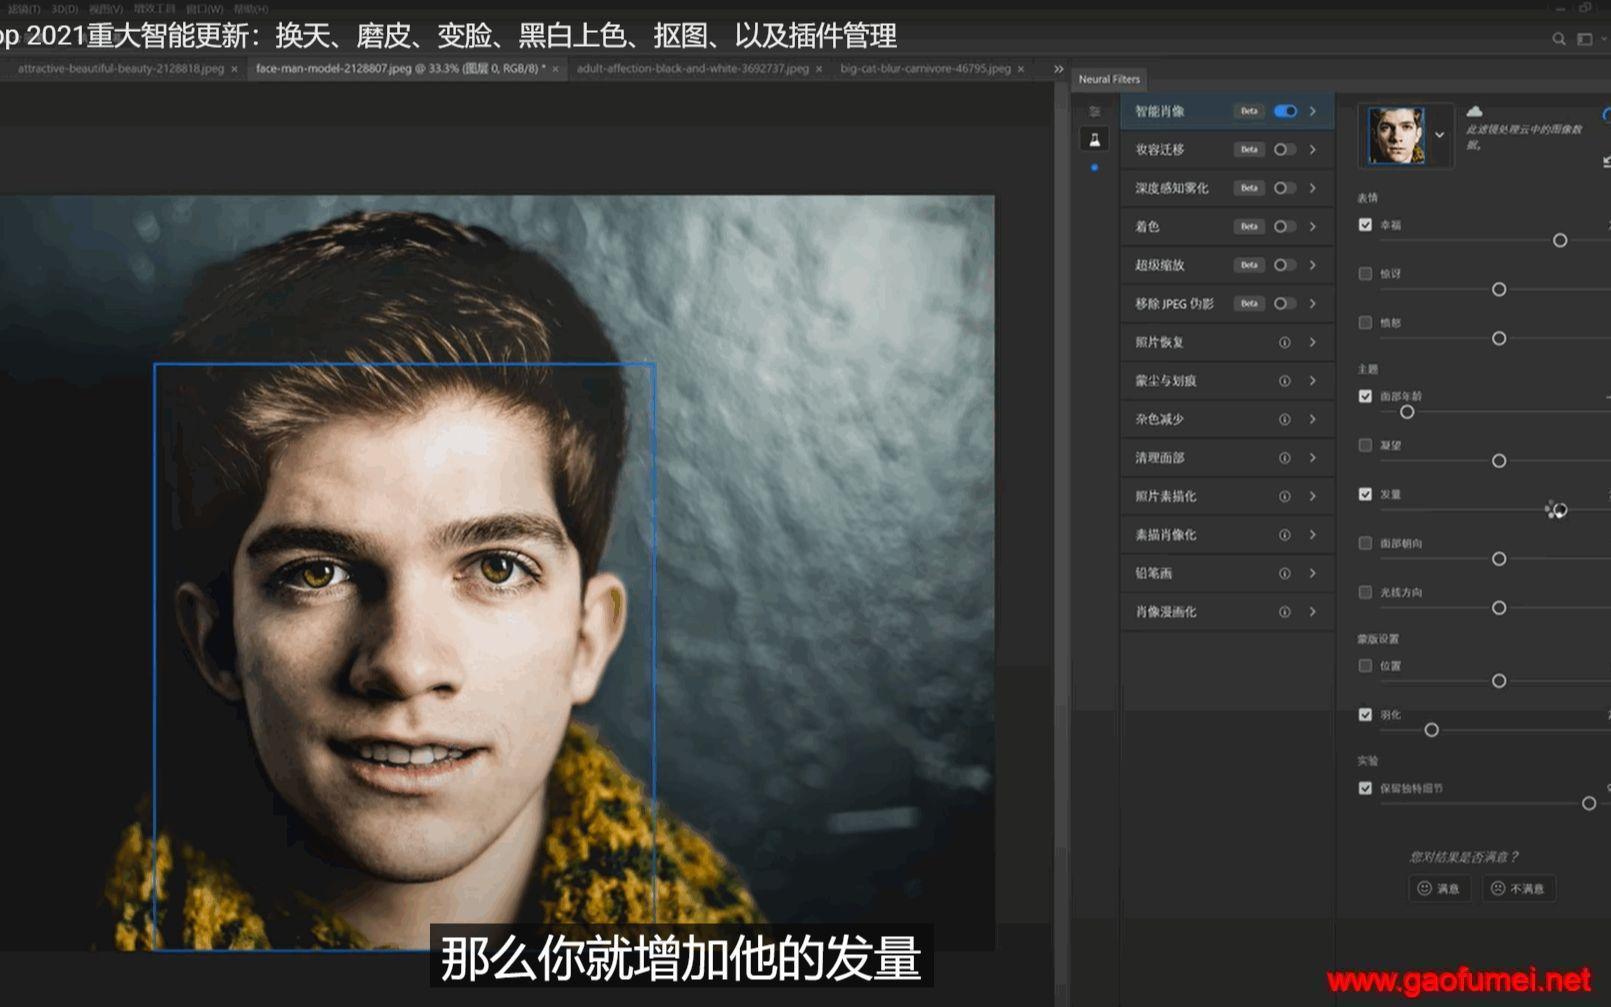 巅峰之作——【Photoshop 2021】重大智能更新:换天、磨皮、变脸、黑白上色、抠图、以及插件管理介绍